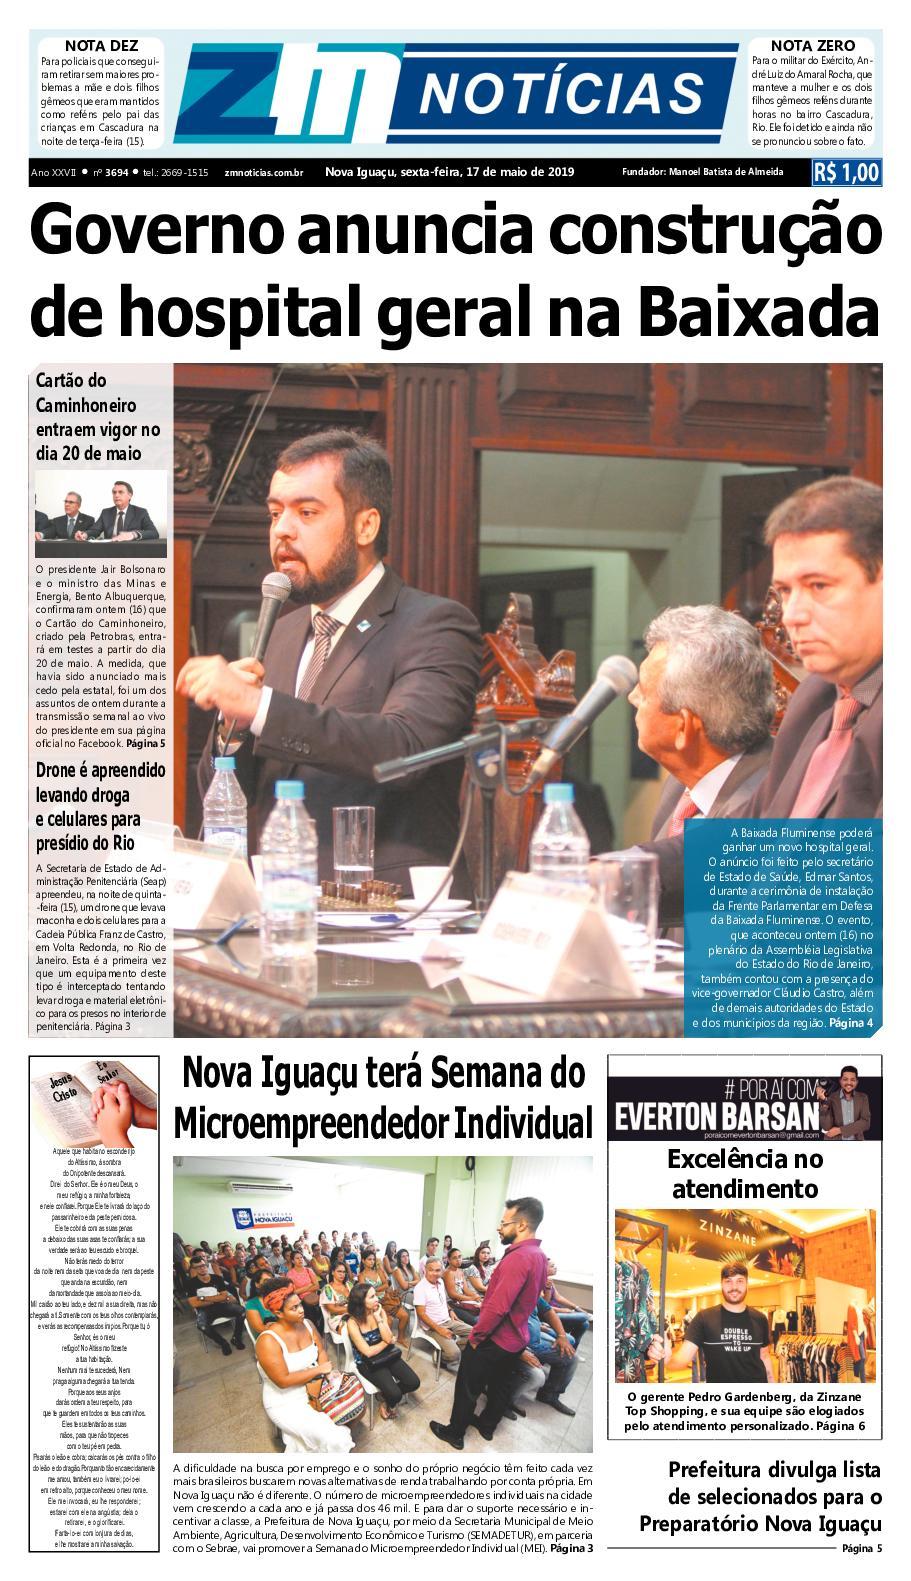 Z M Noticias - Edicao 170519